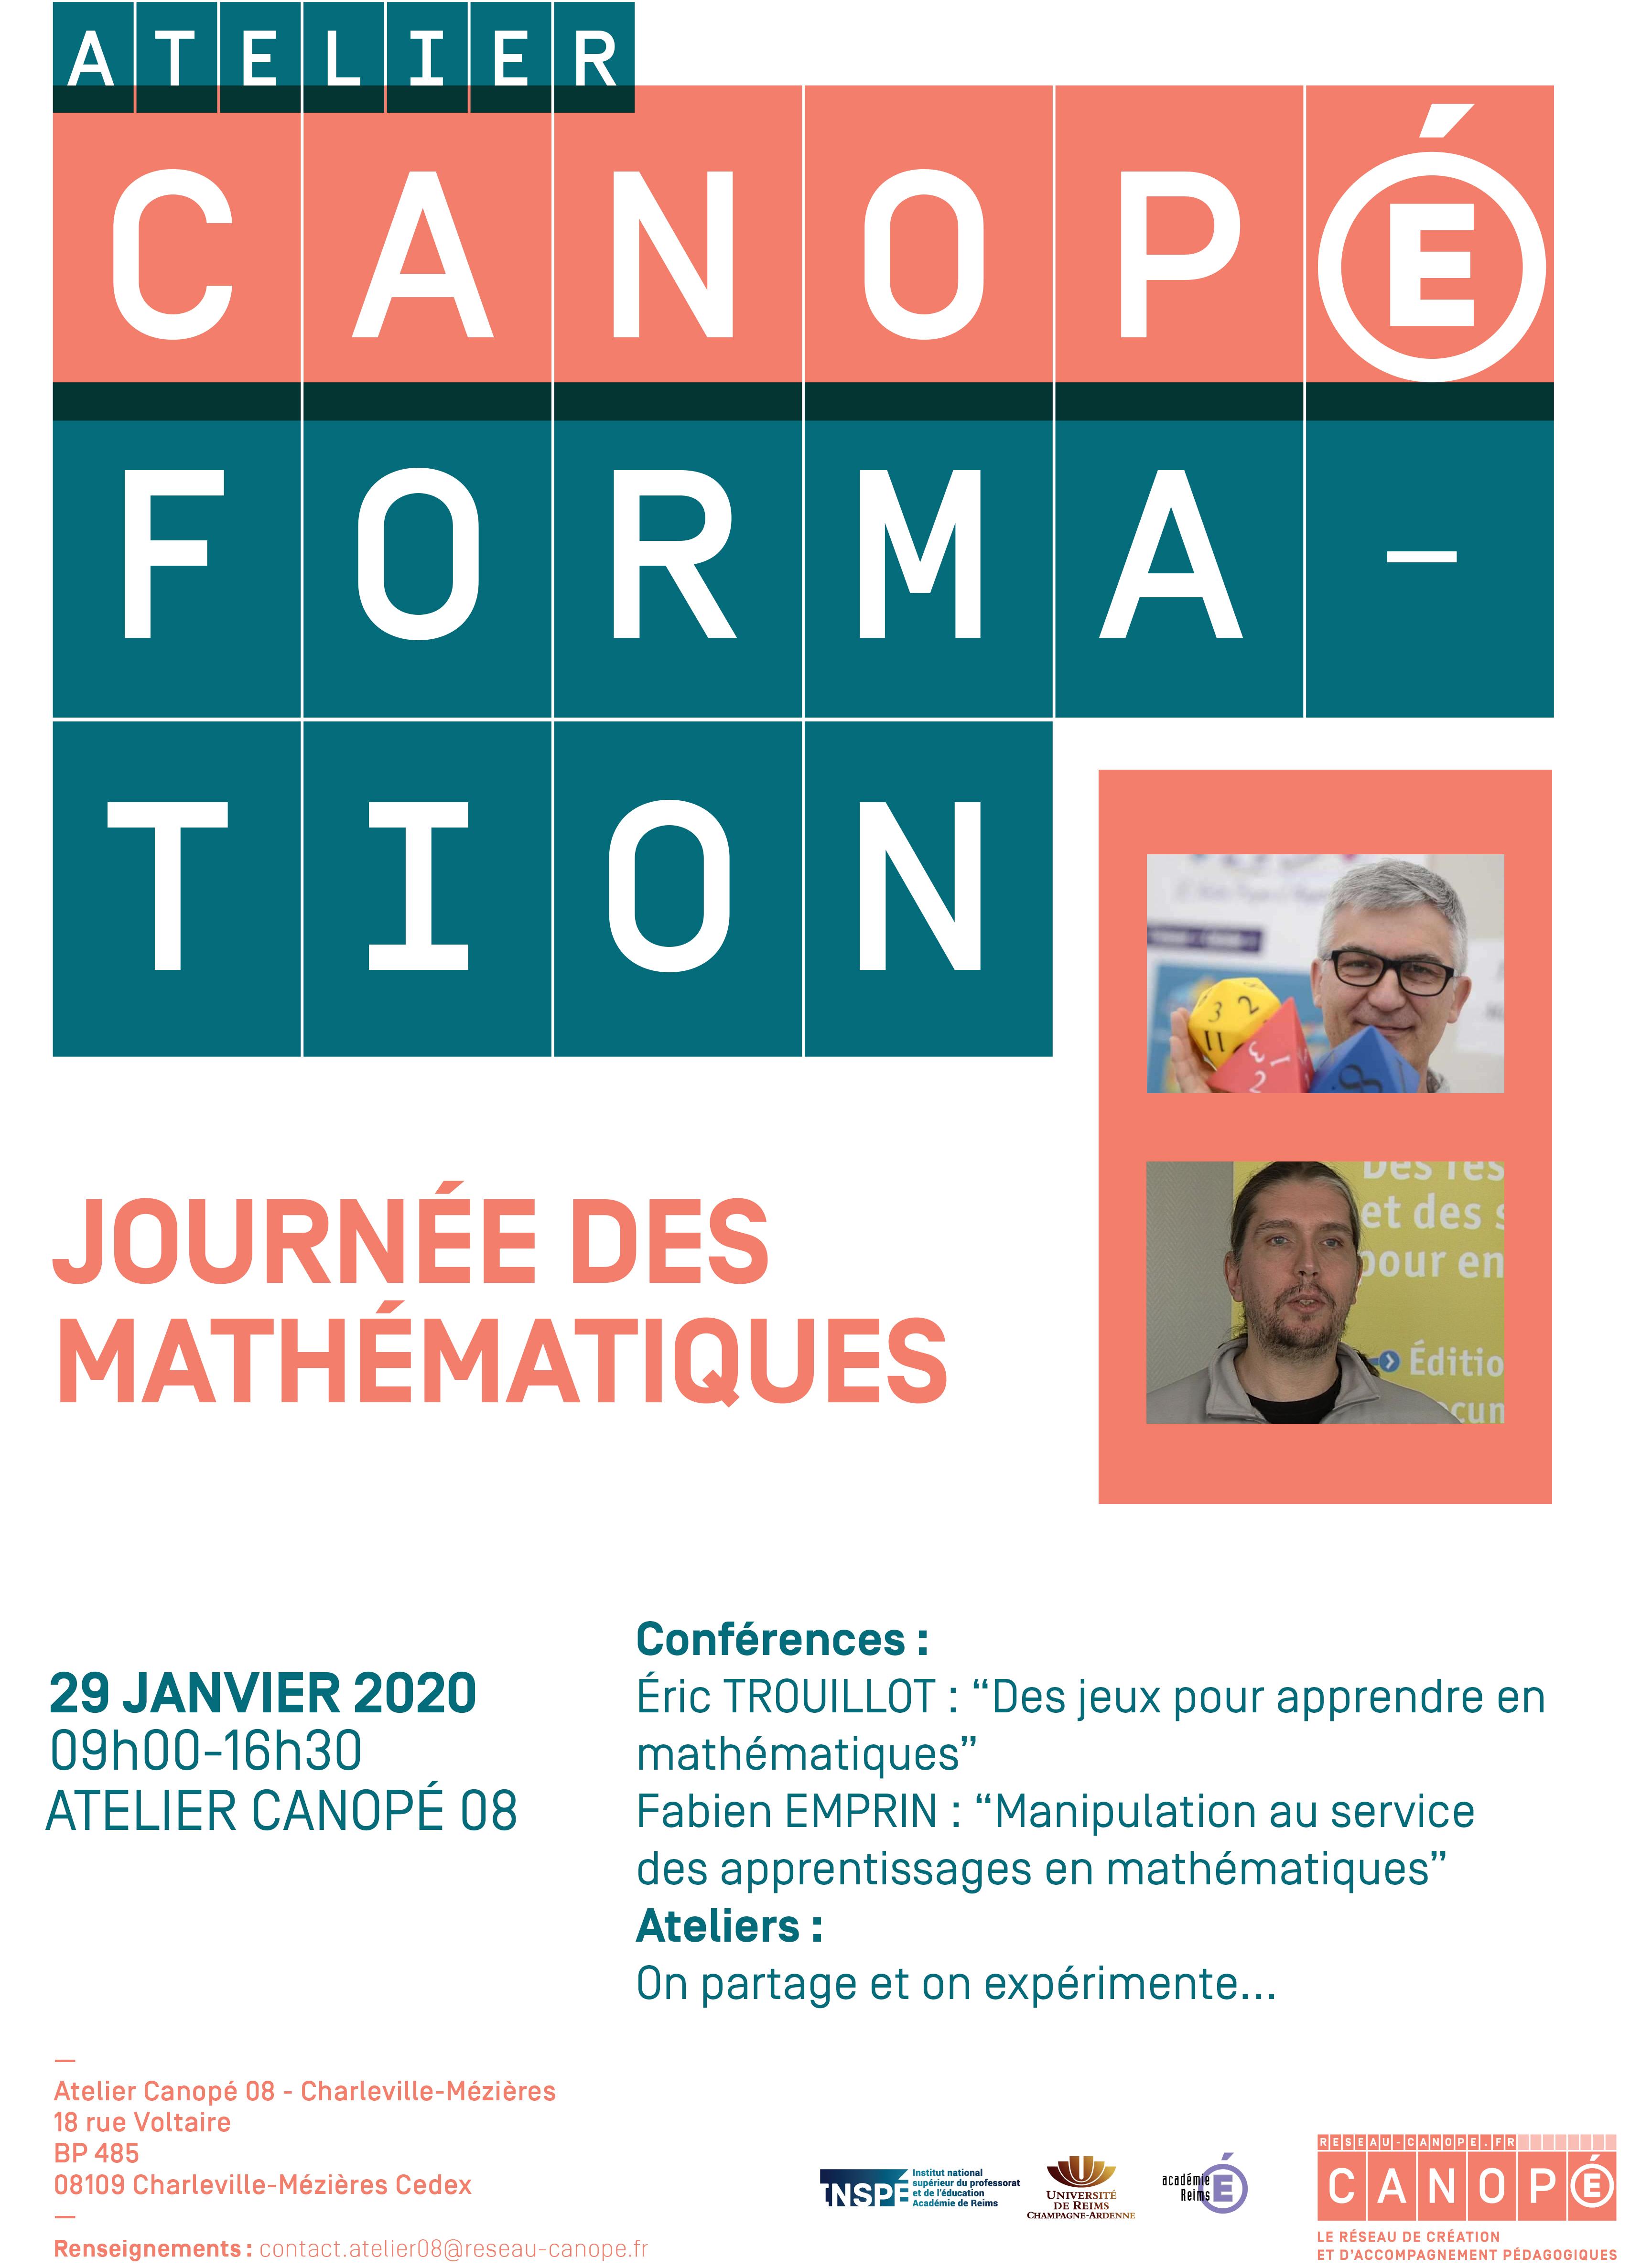 Journée des mathématiques @ Charleville-Mézières